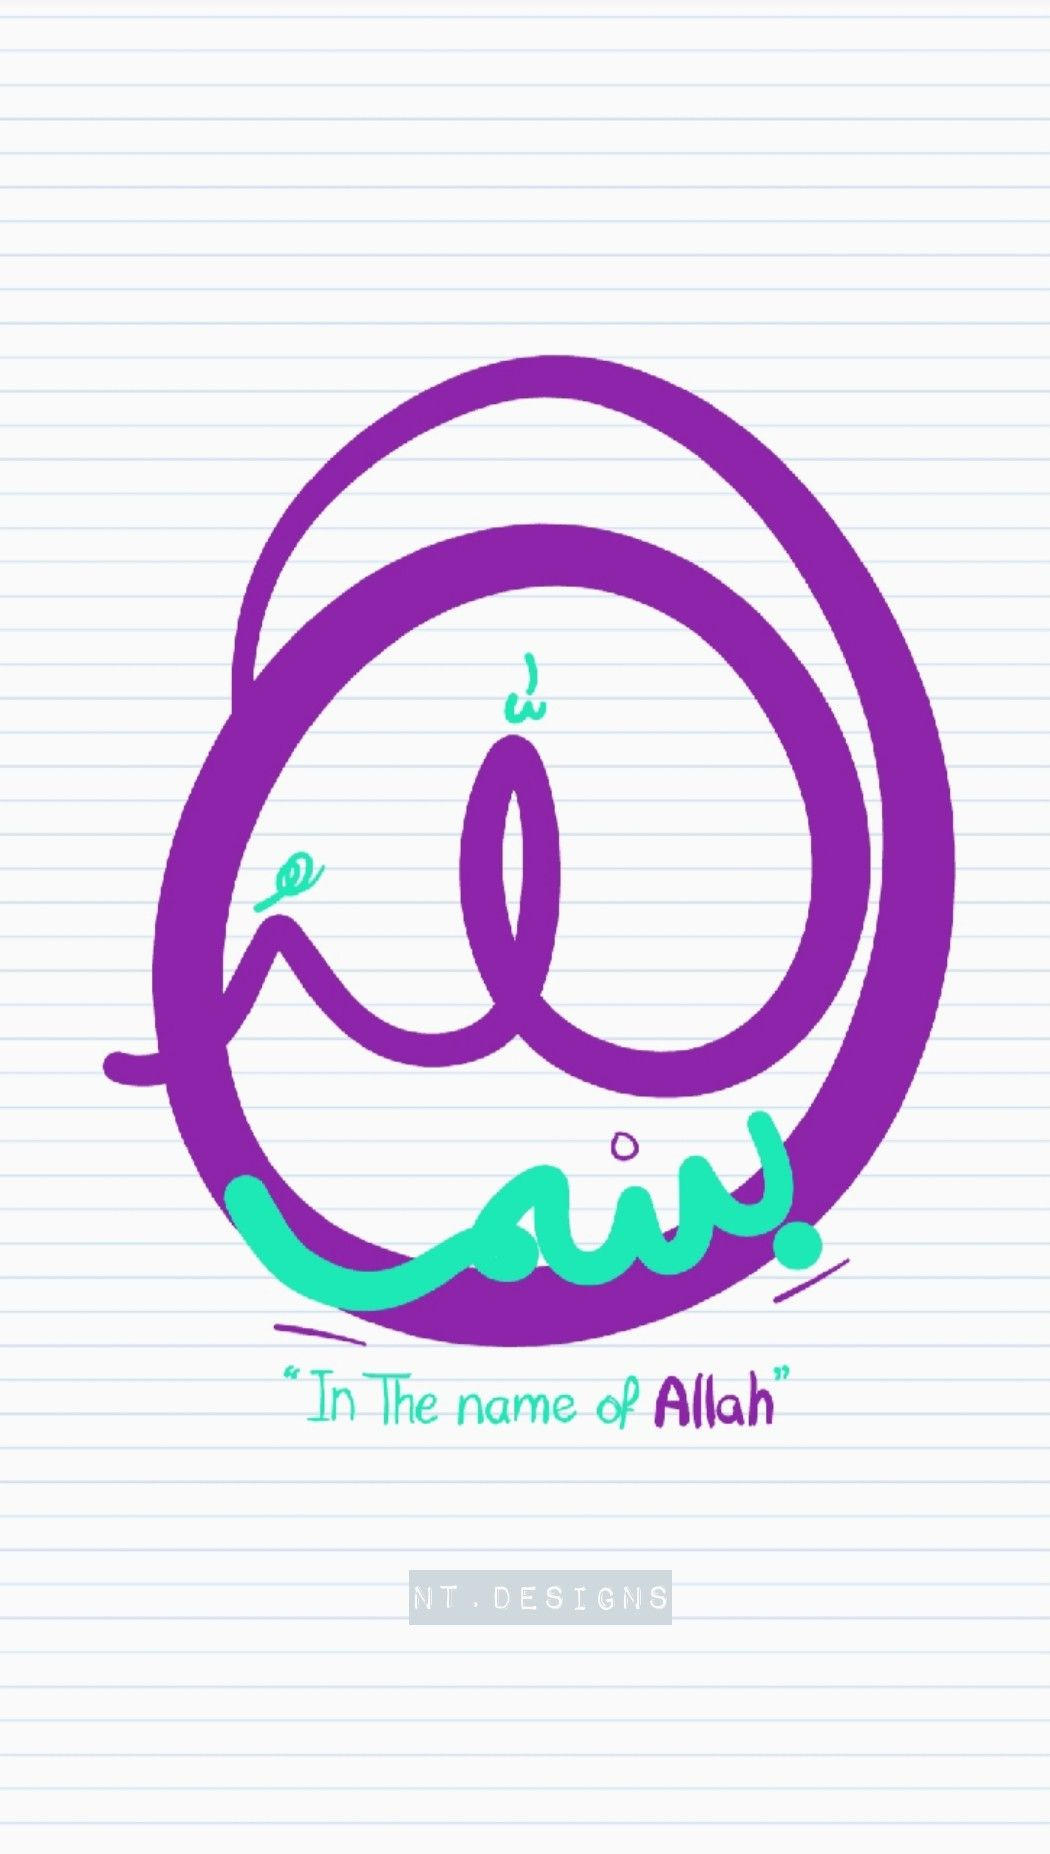 Pin By Nihal Tarek On Ramadaan Allah Retail Logos Lululemon Logo